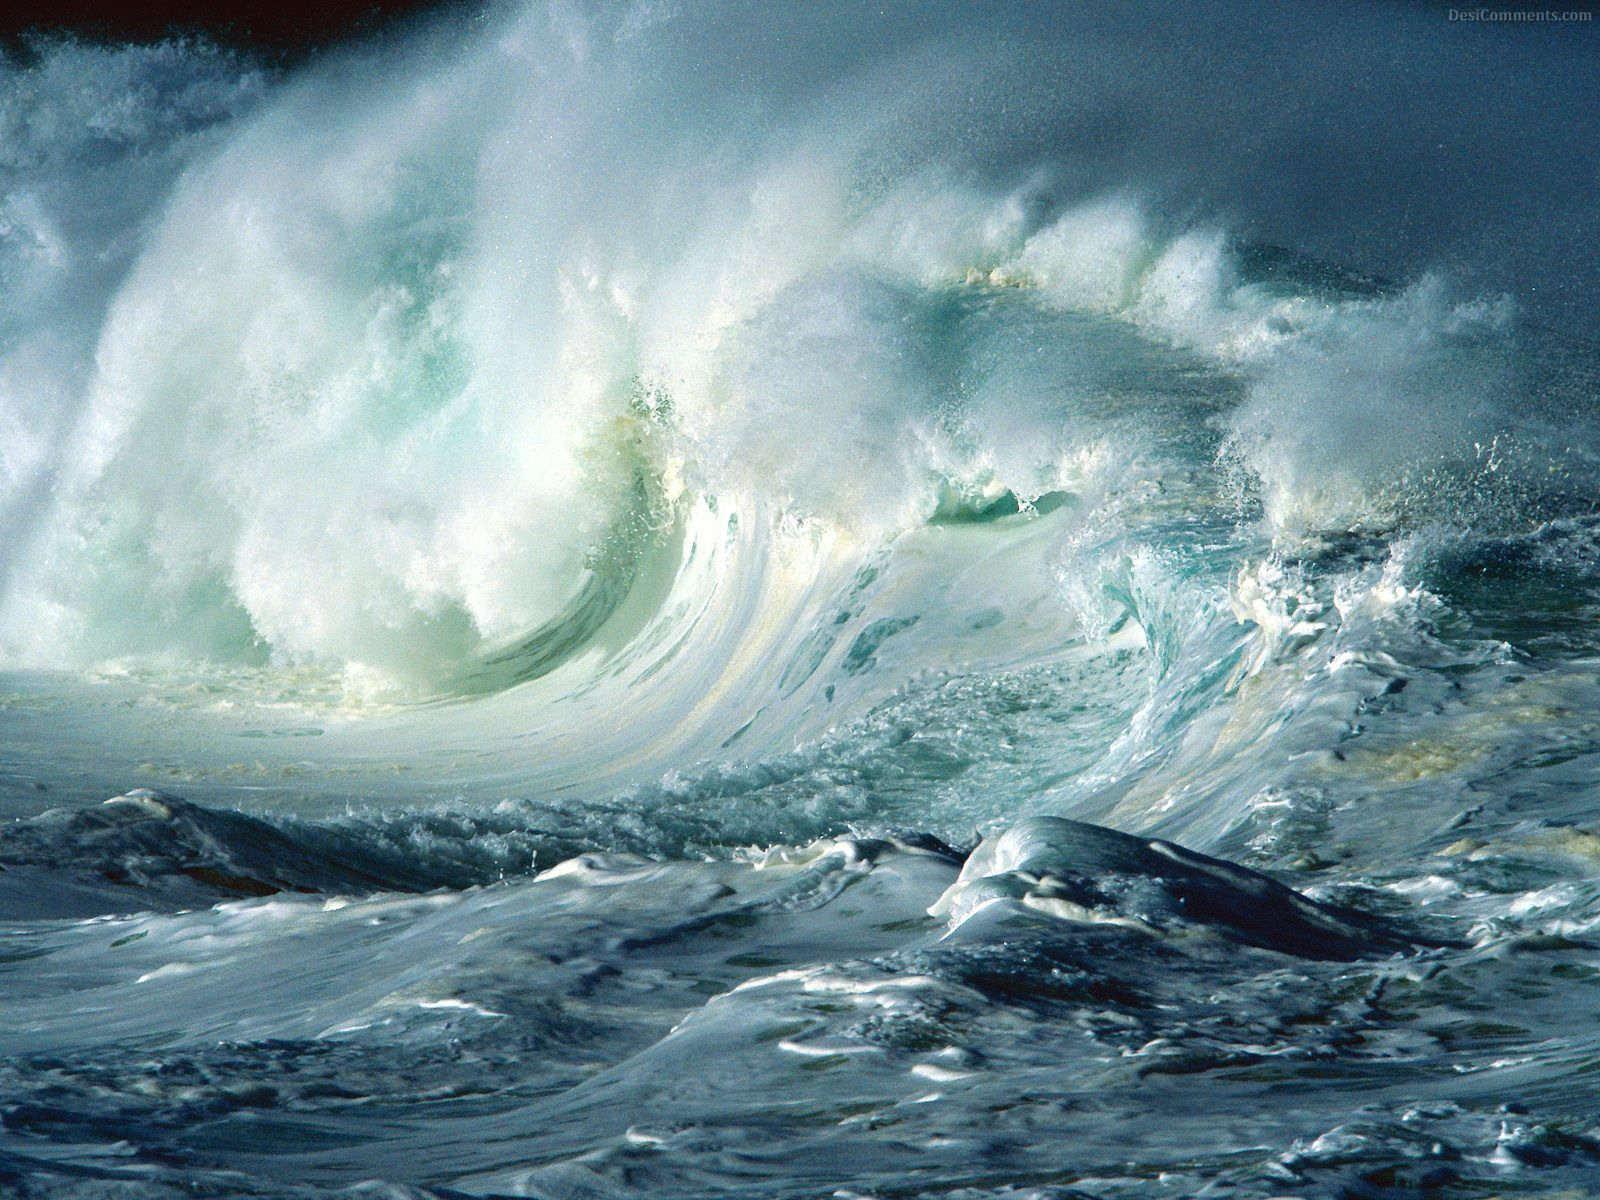 ocean_31.jpg (1600×1200)